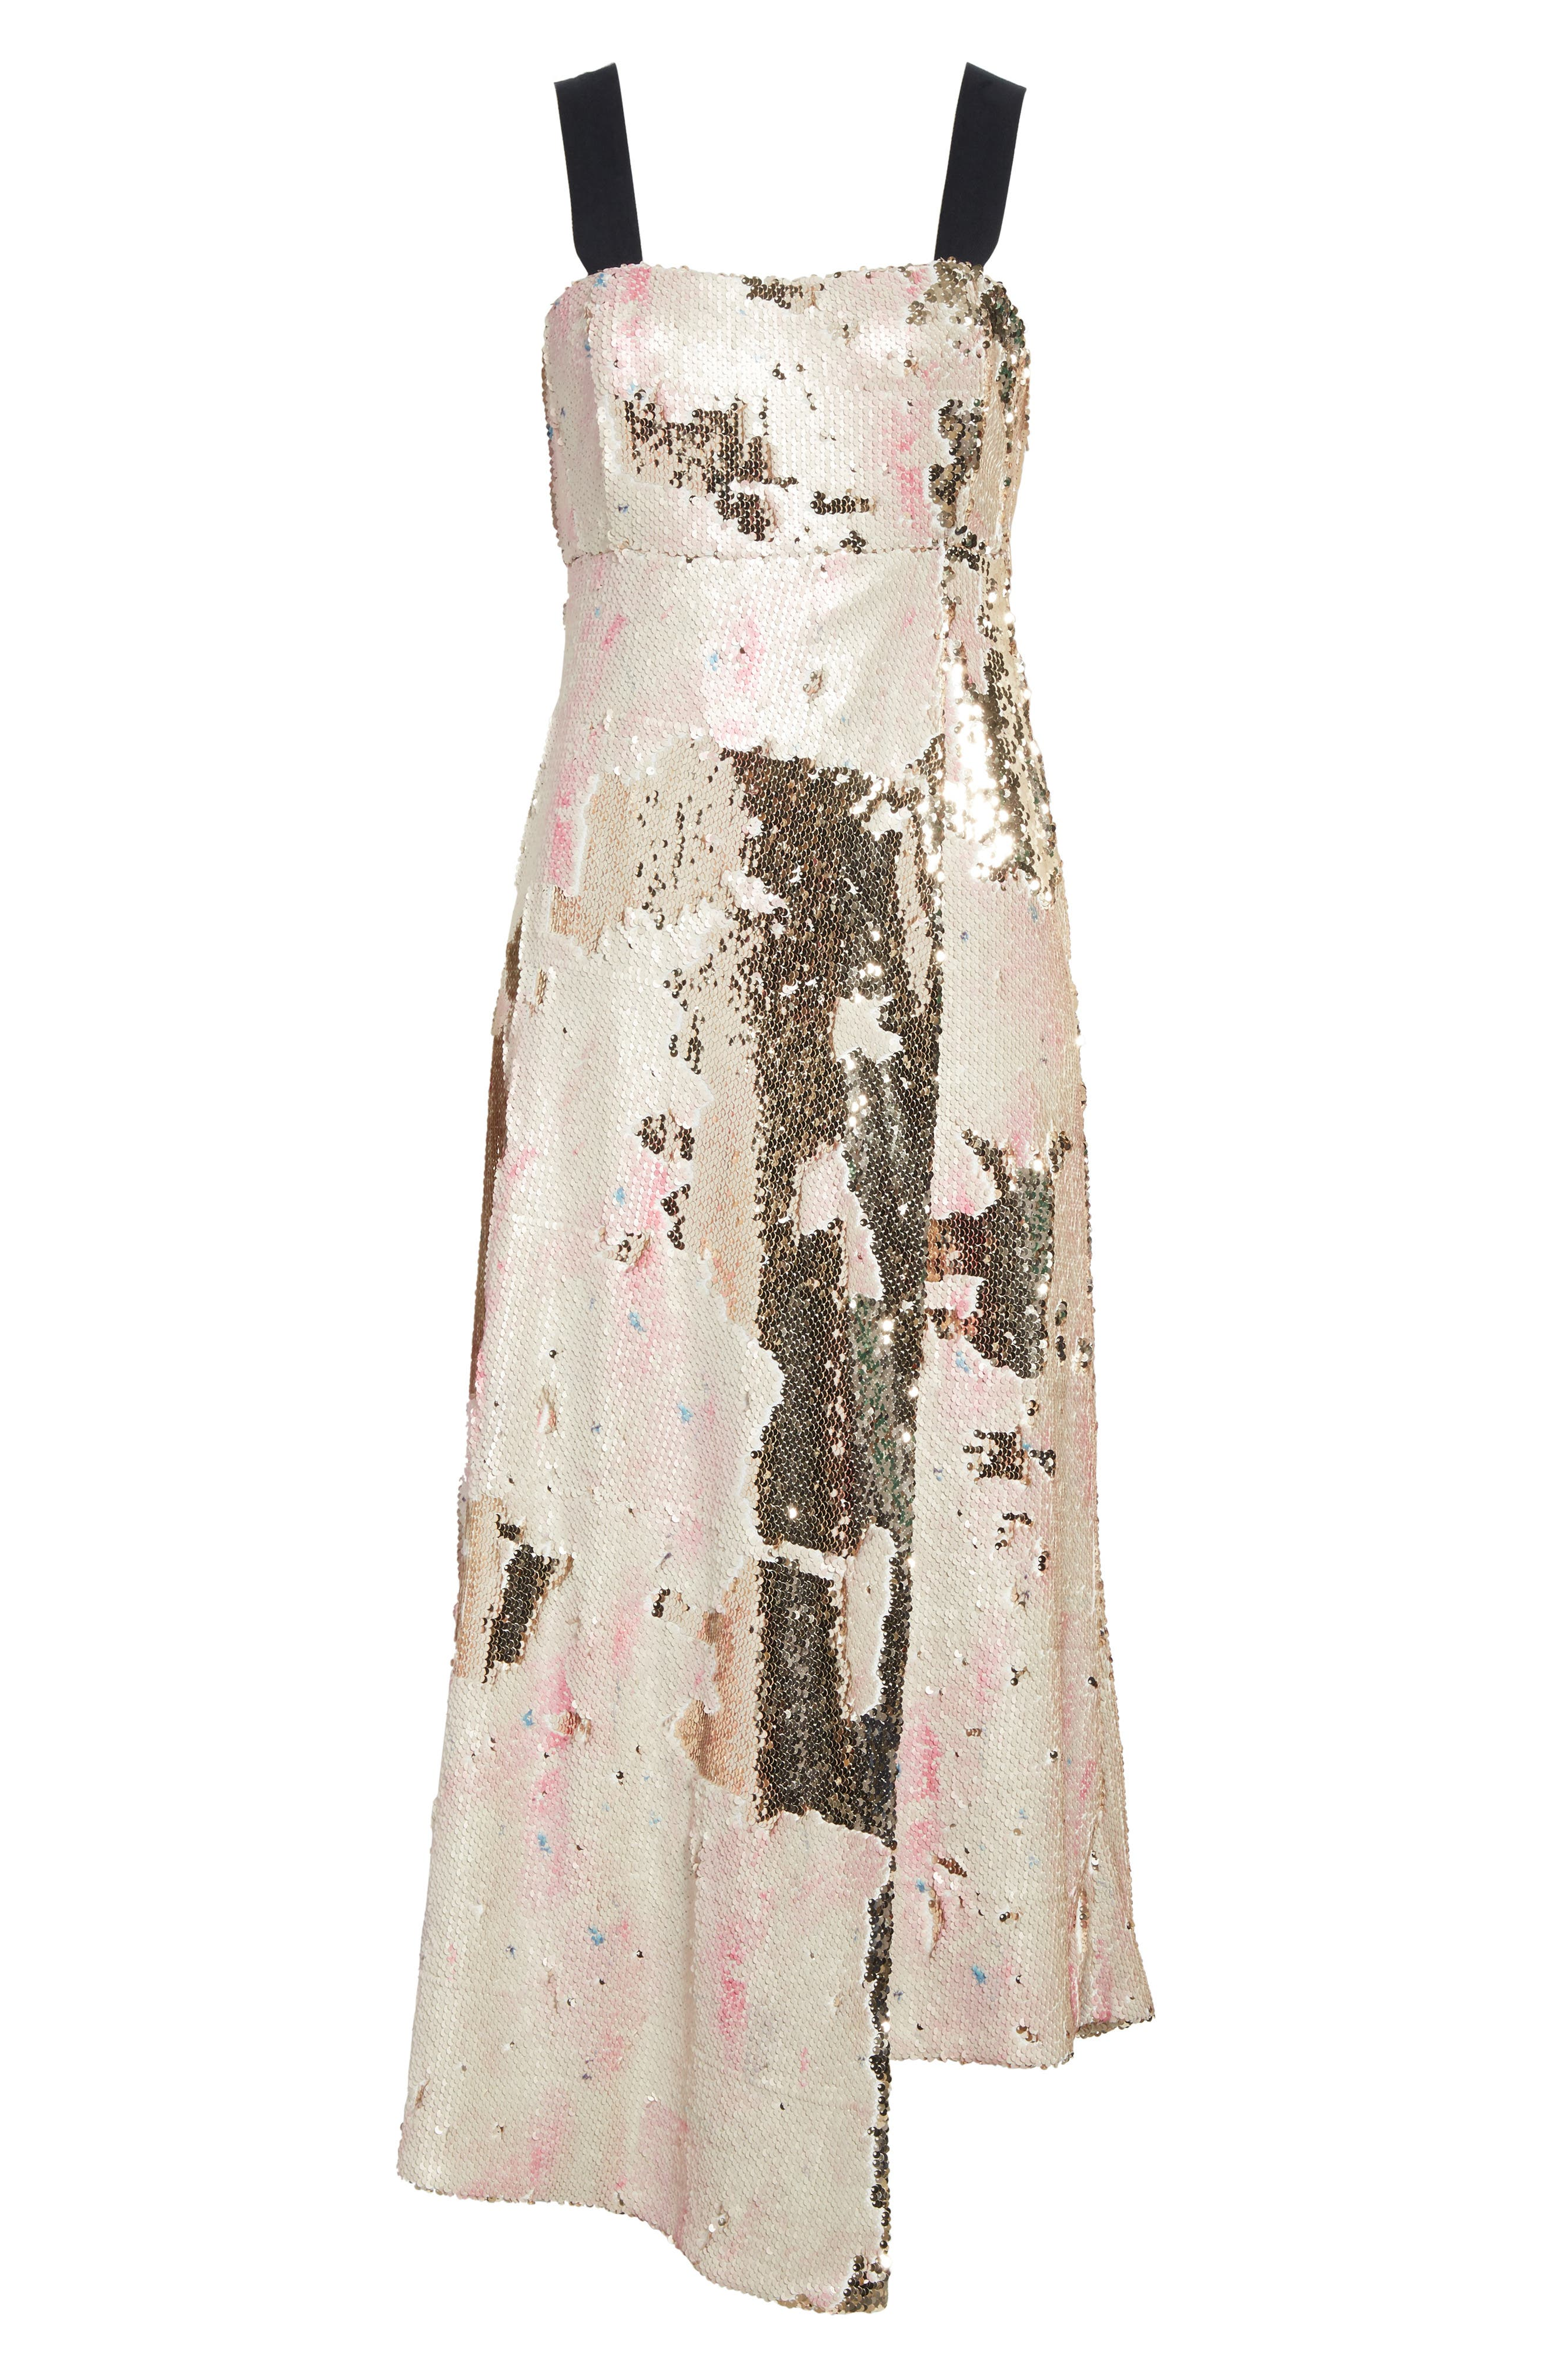 Slacken Sequined Dress,                             Alternate thumbnail 6, color,                             658